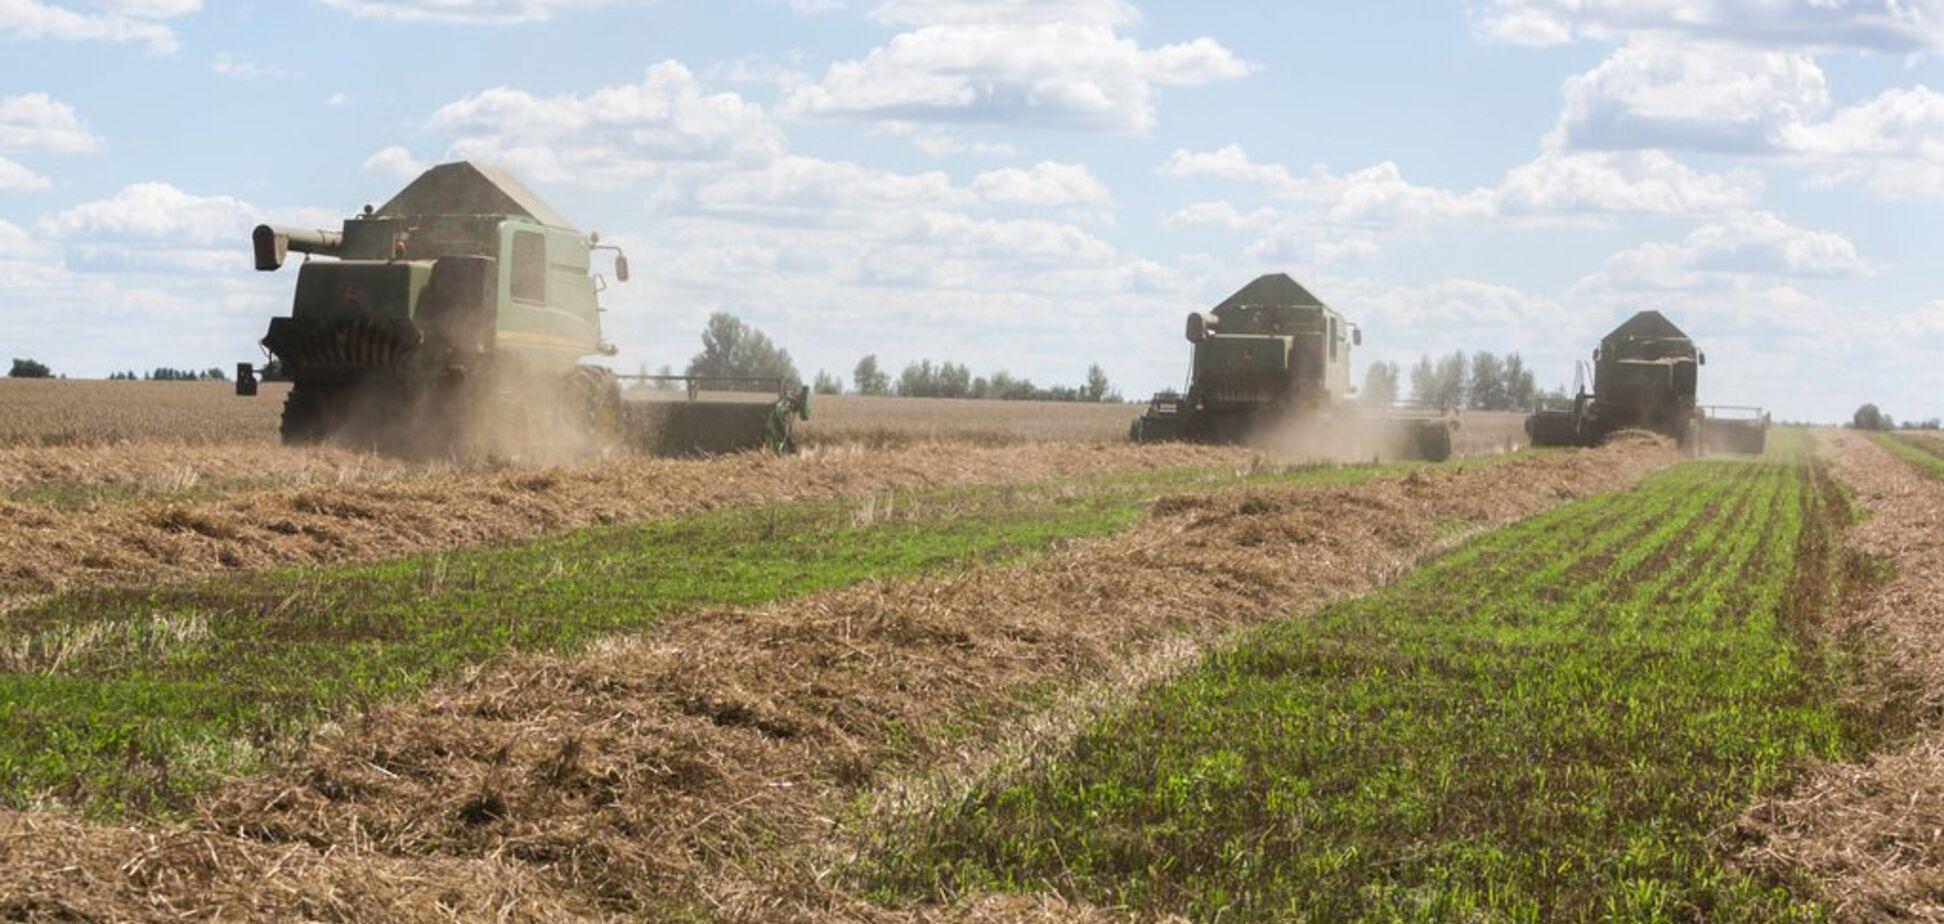 Проблема зневоднення ґрунту на півдні України вирішувана - Укрлендфармінг